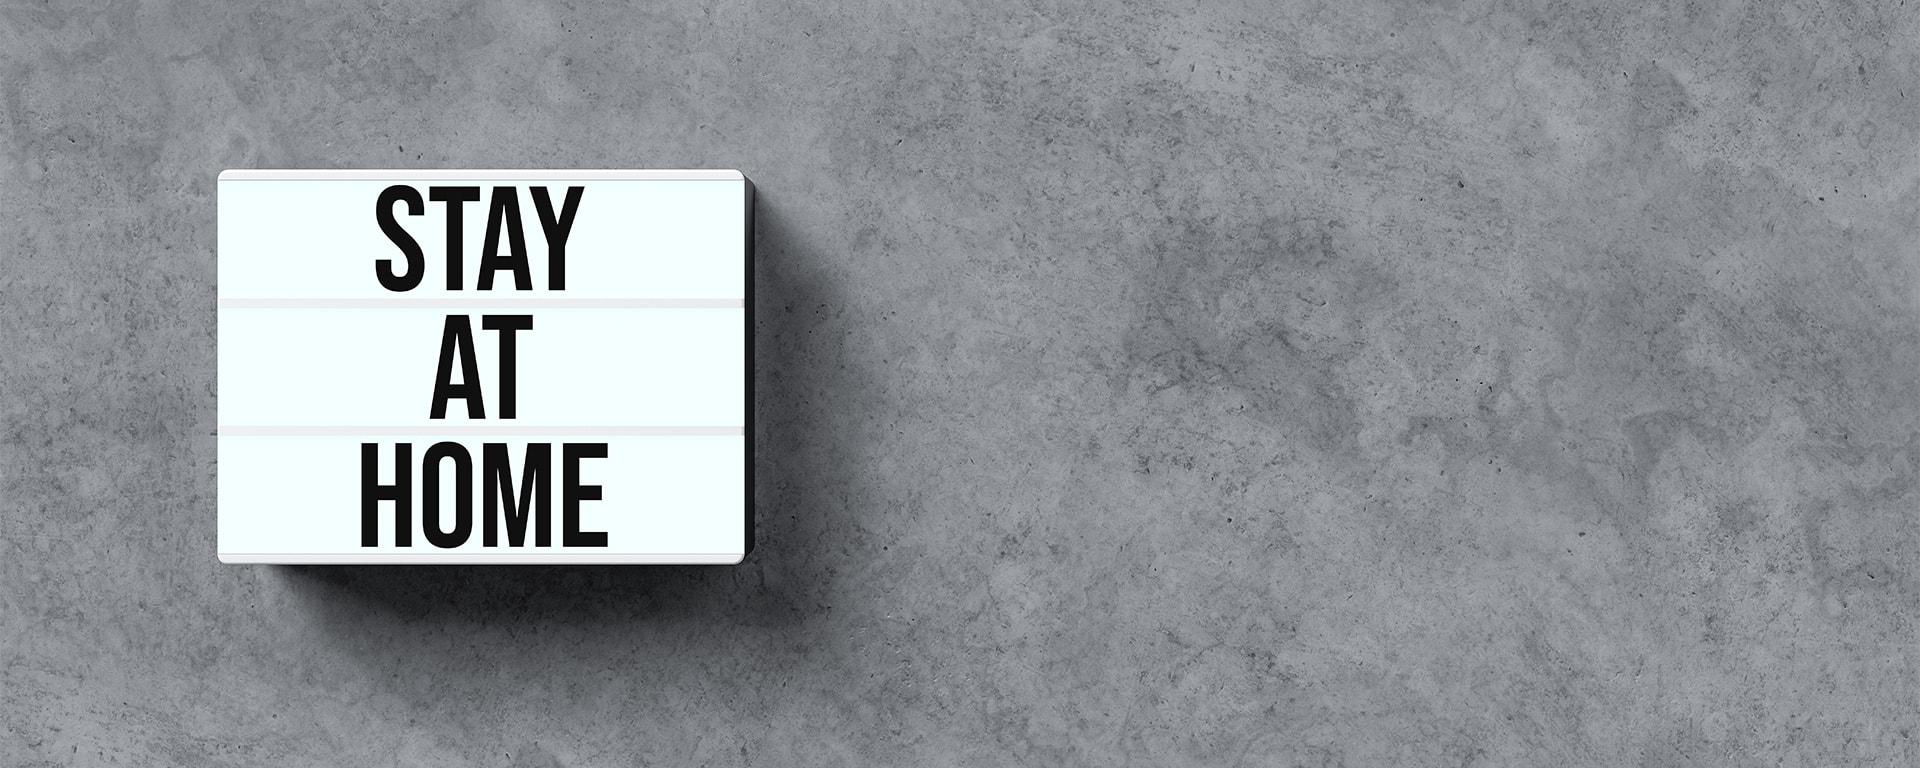 Répondre à la crise : comment adapter vos fonctions essentielles pour assurer la continuité des affaires